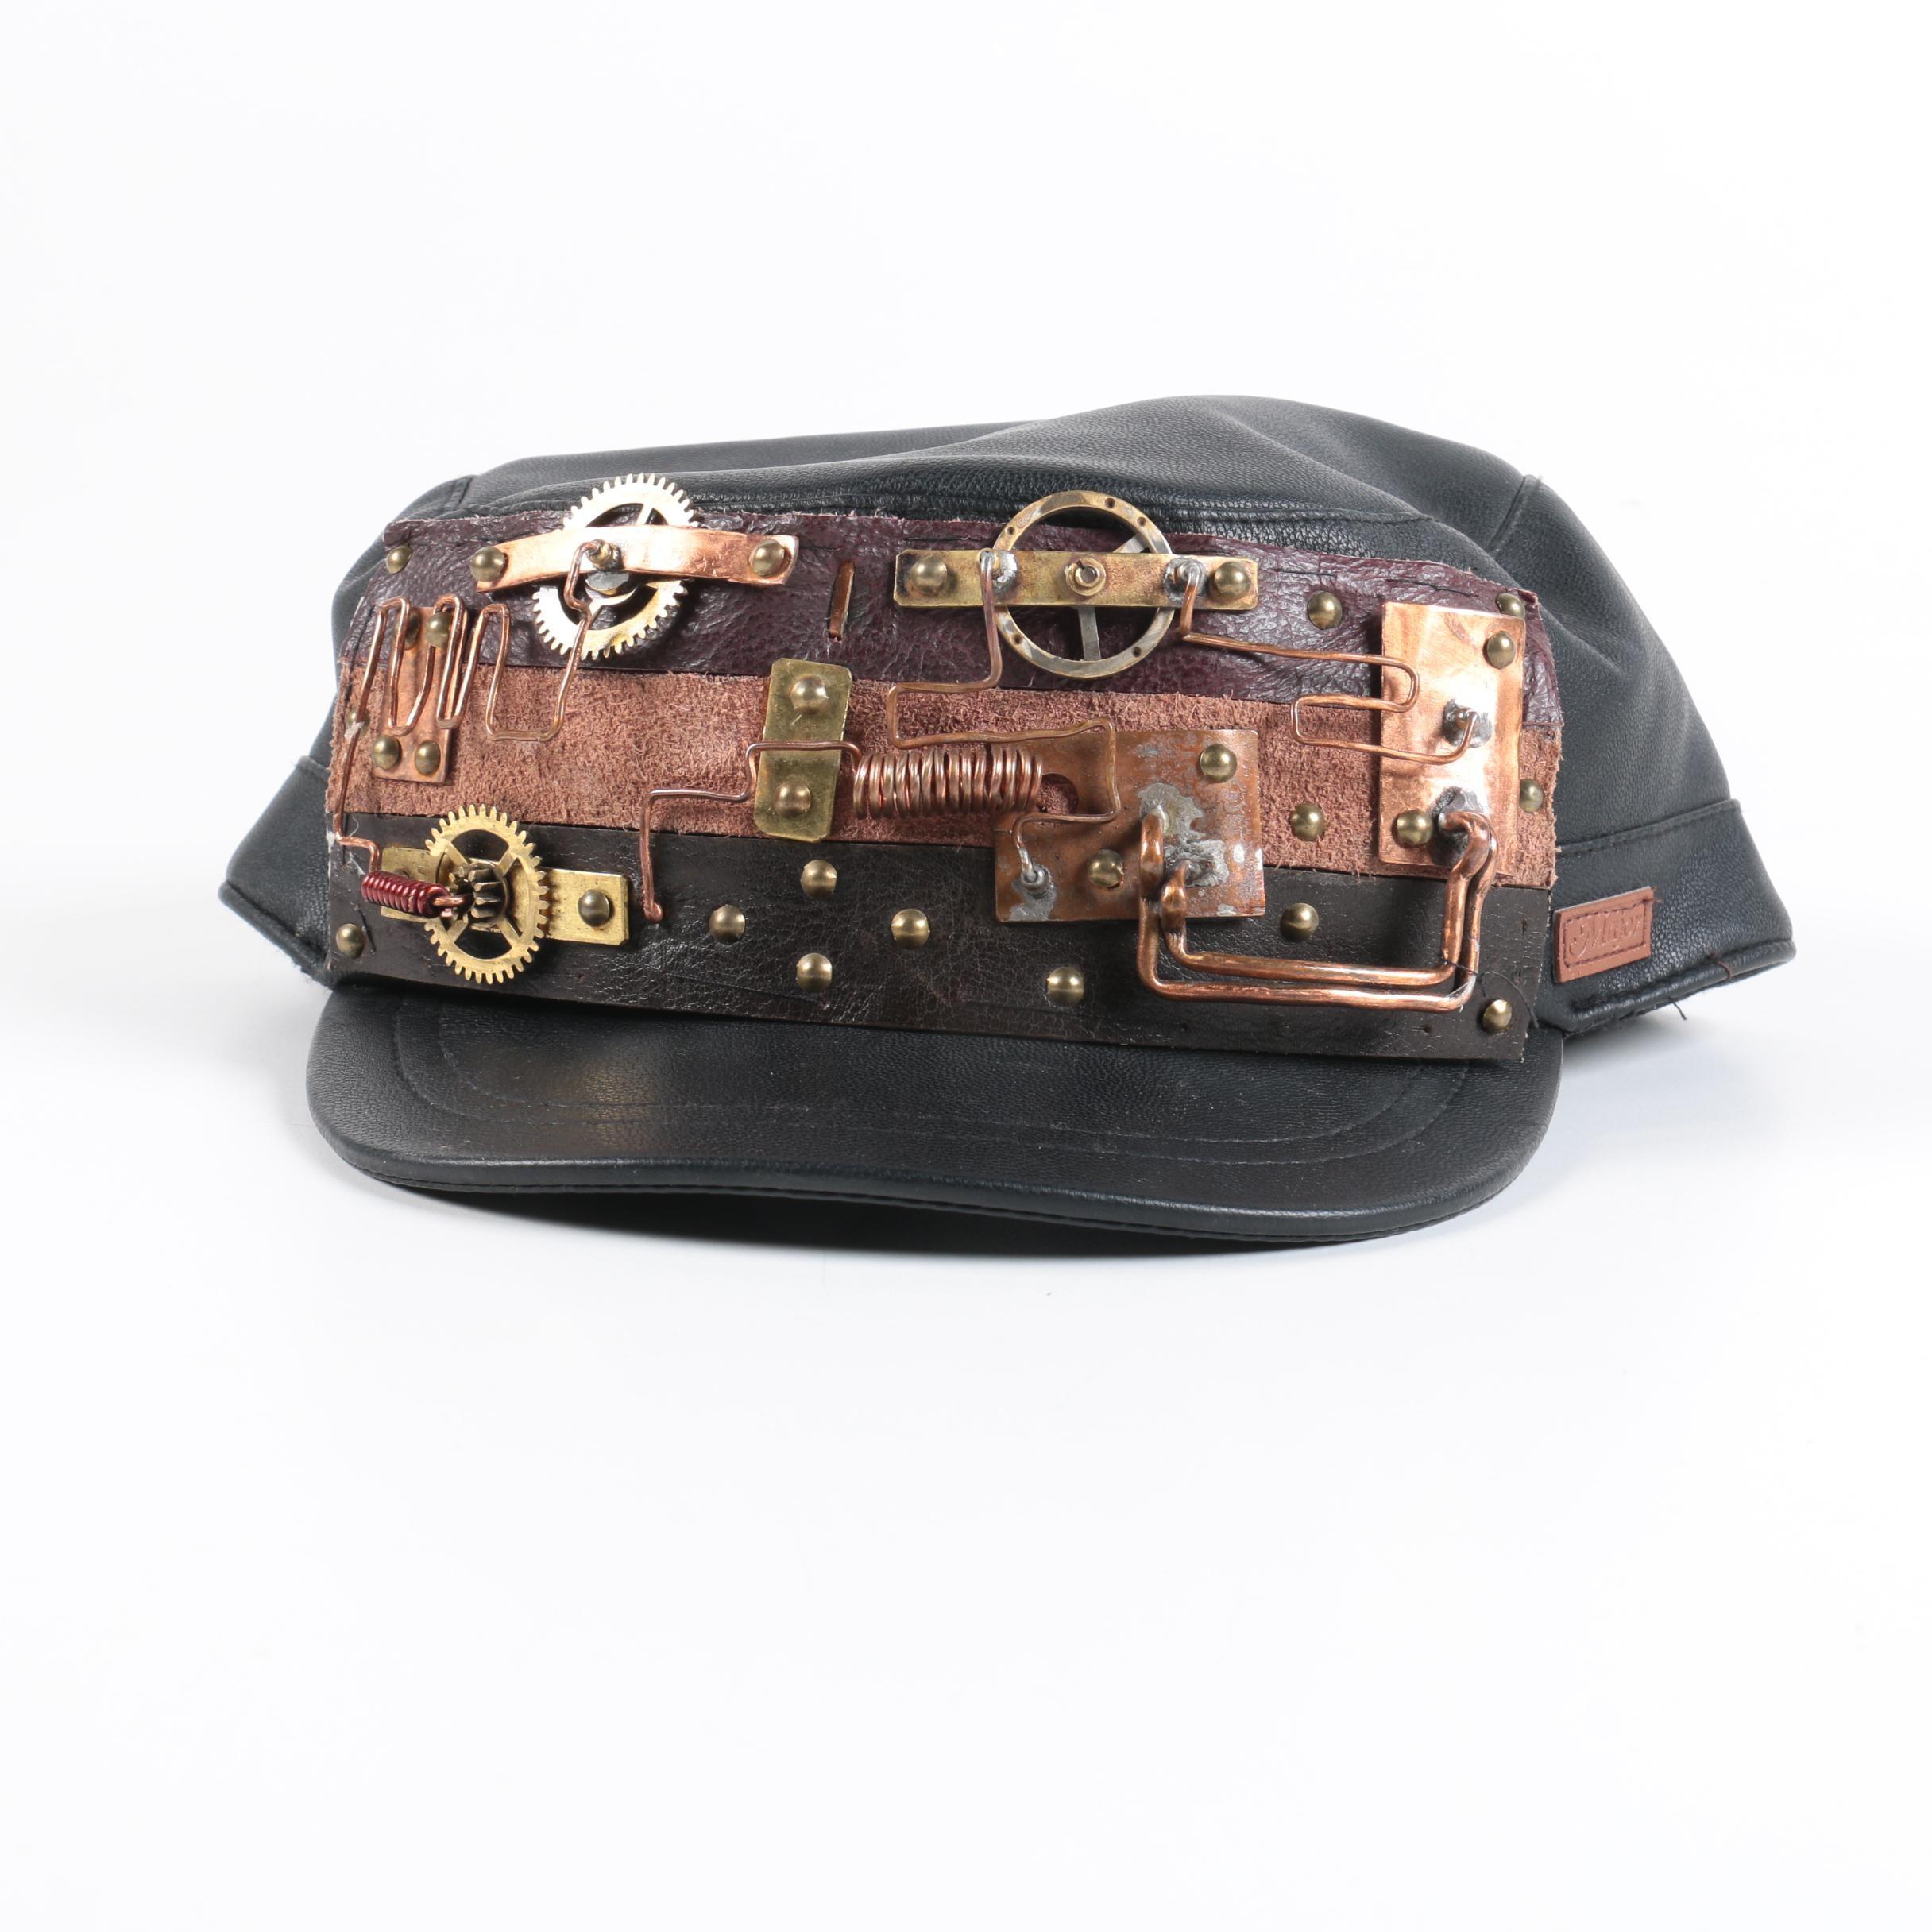 Major Wear Steampunk Style PVC Biker Cap